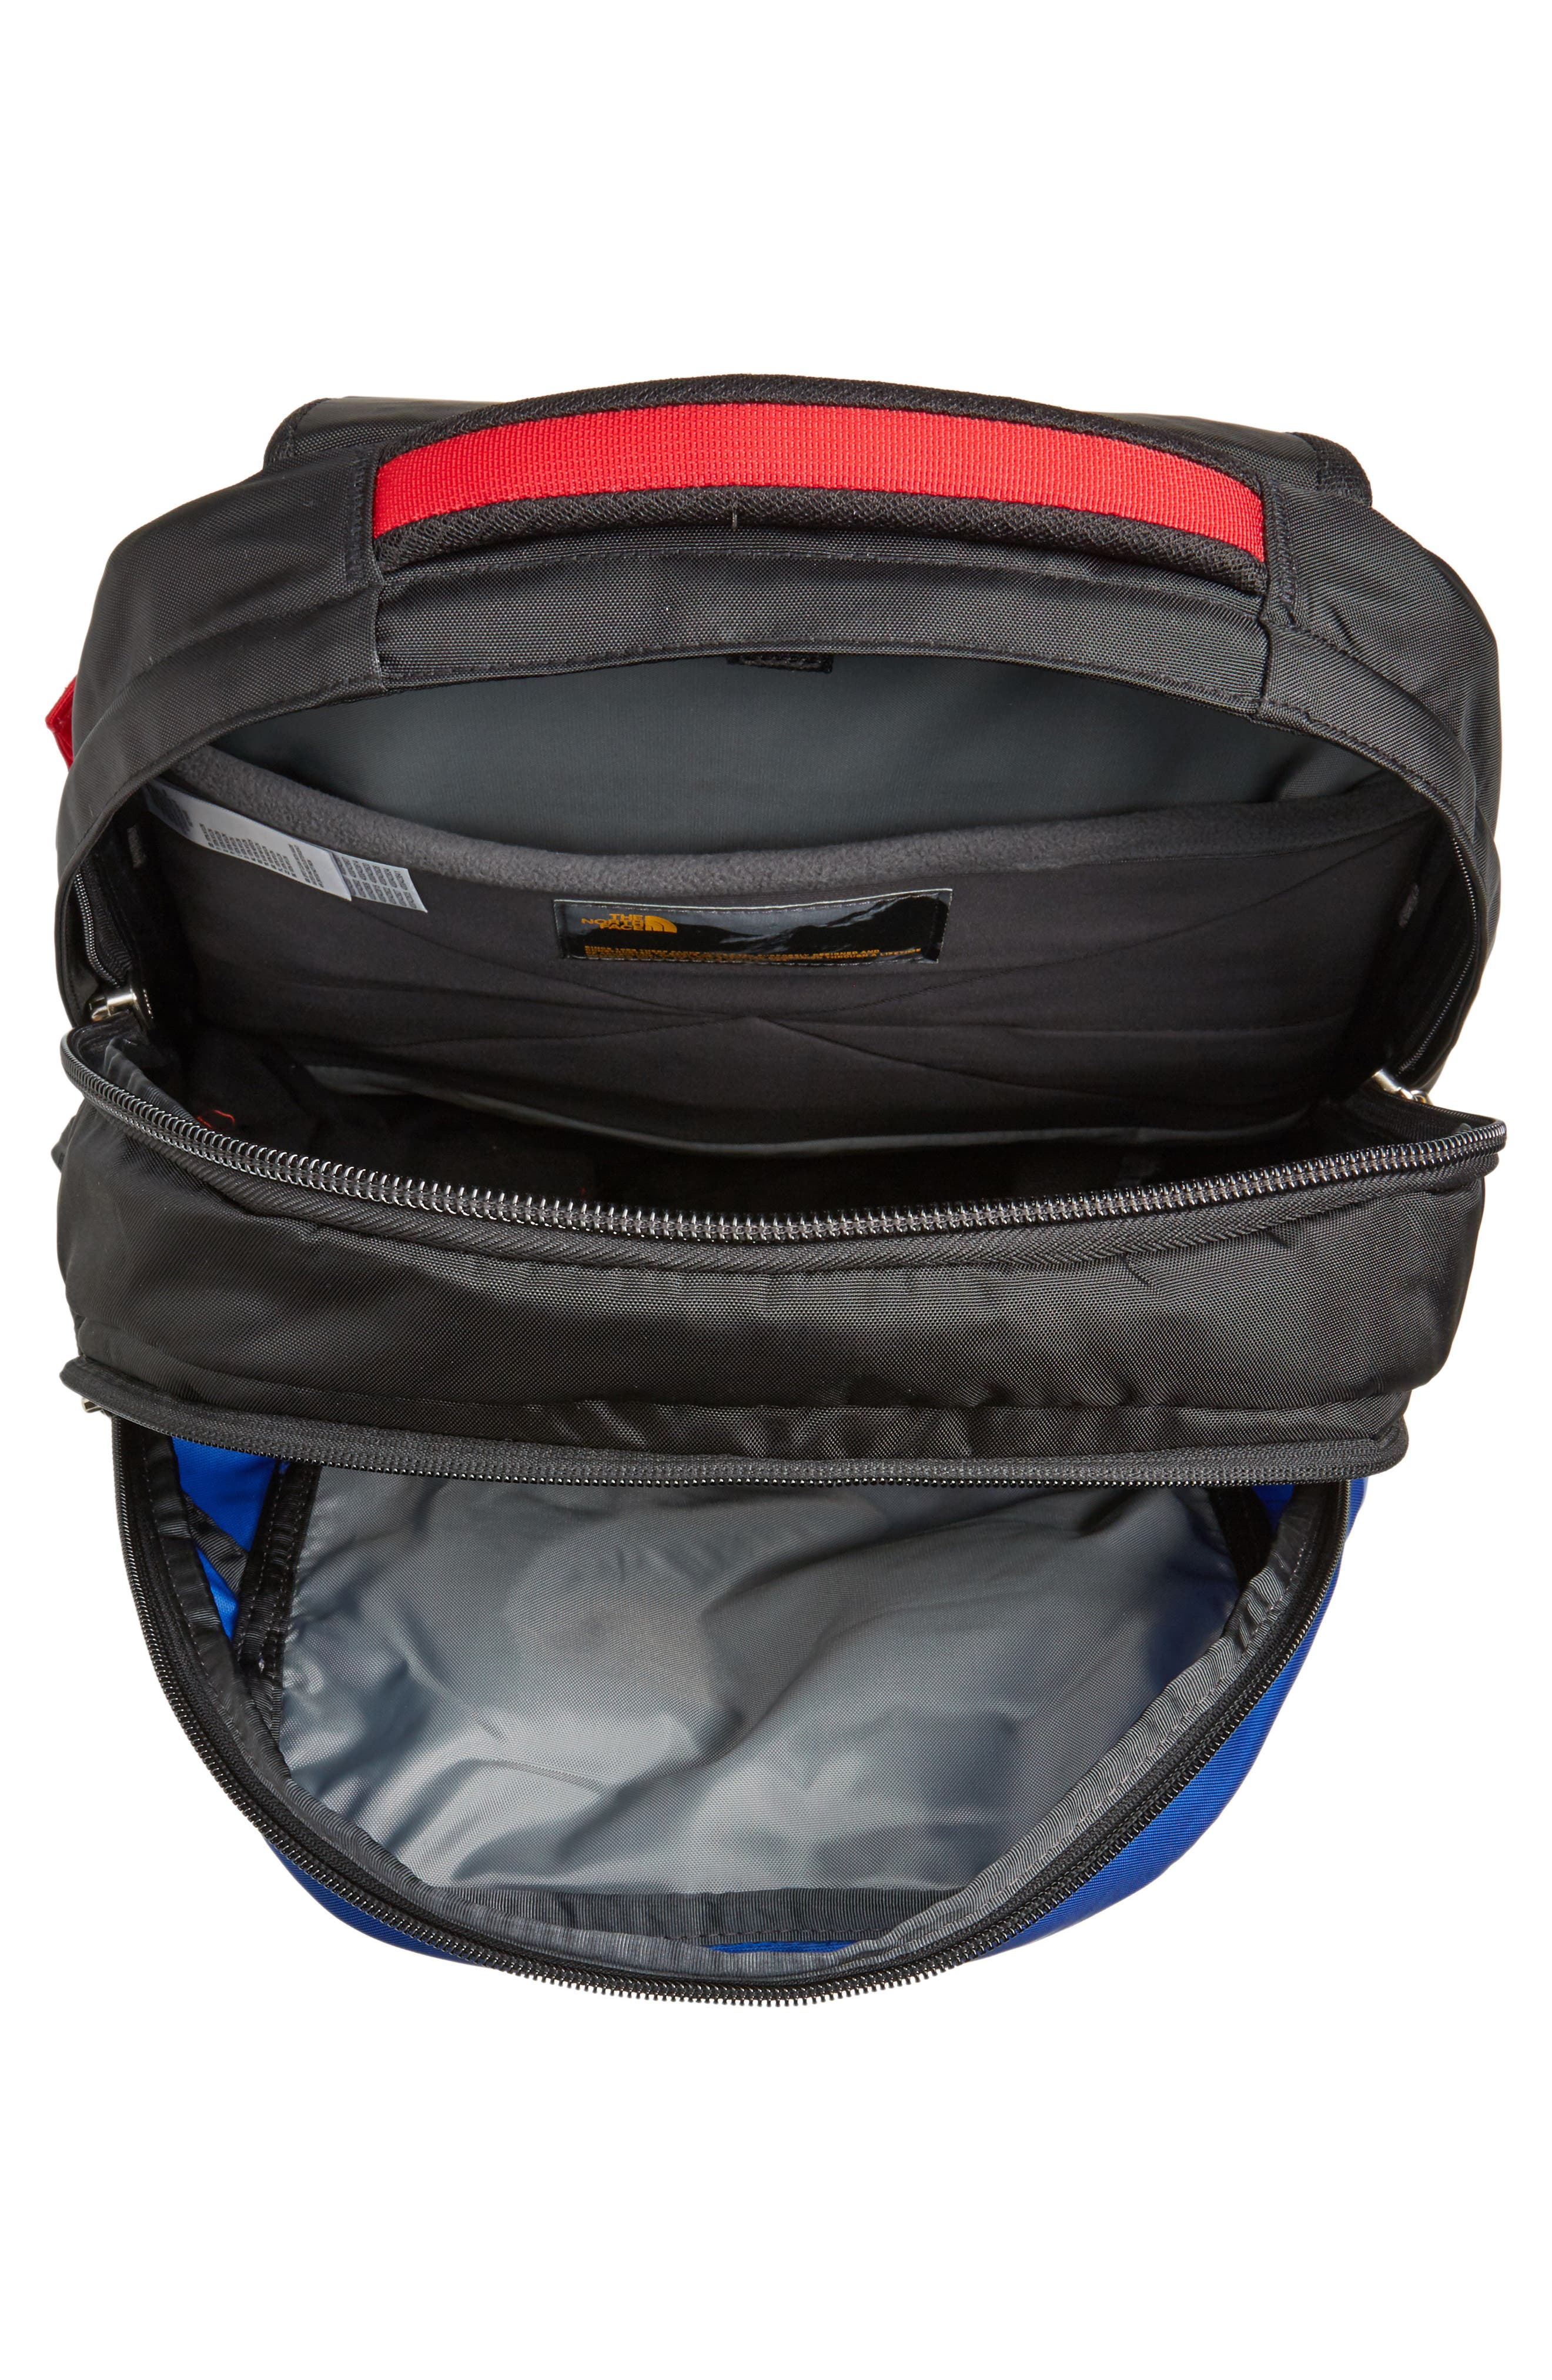 Borealis Backpack,                             Alternate thumbnail 4, color,                             402